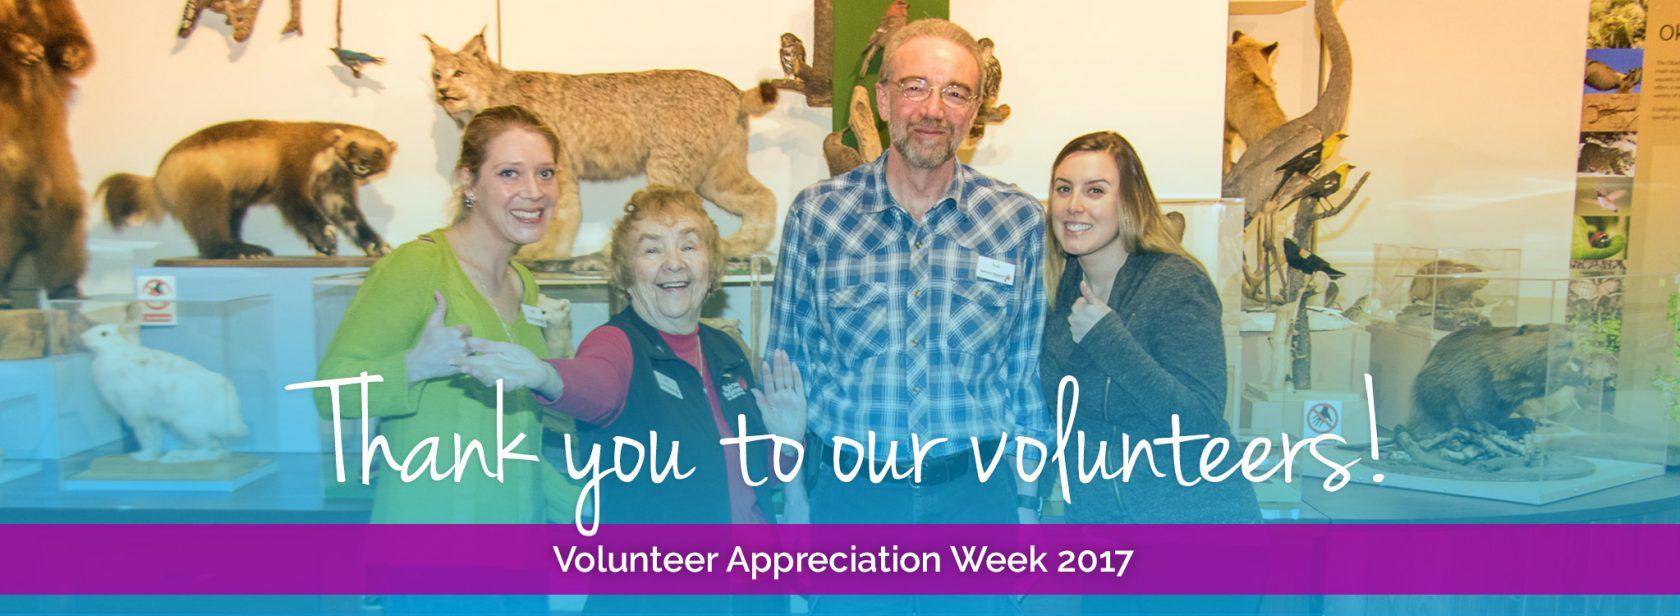 KelownaMuseums VolunteerAppreciationWeek2017 ExhibitSlider Home